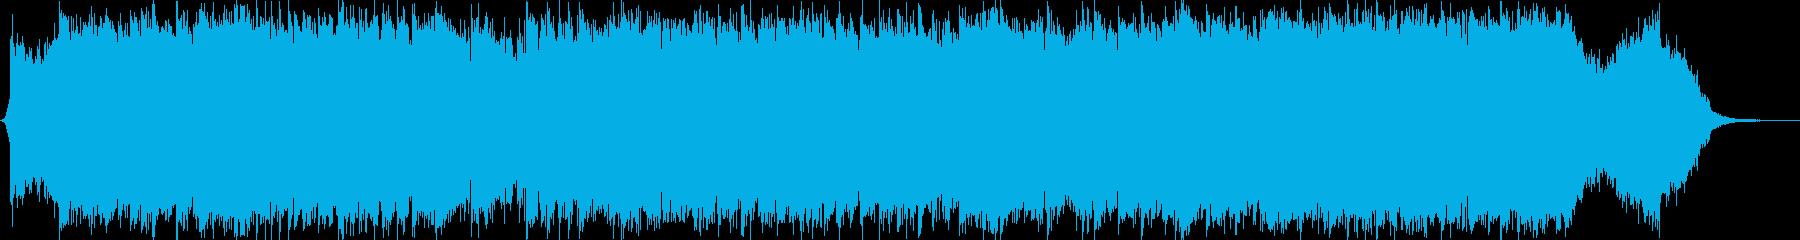 ダークファンタジーオーケストラ戦闘曲60の再生済みの波形